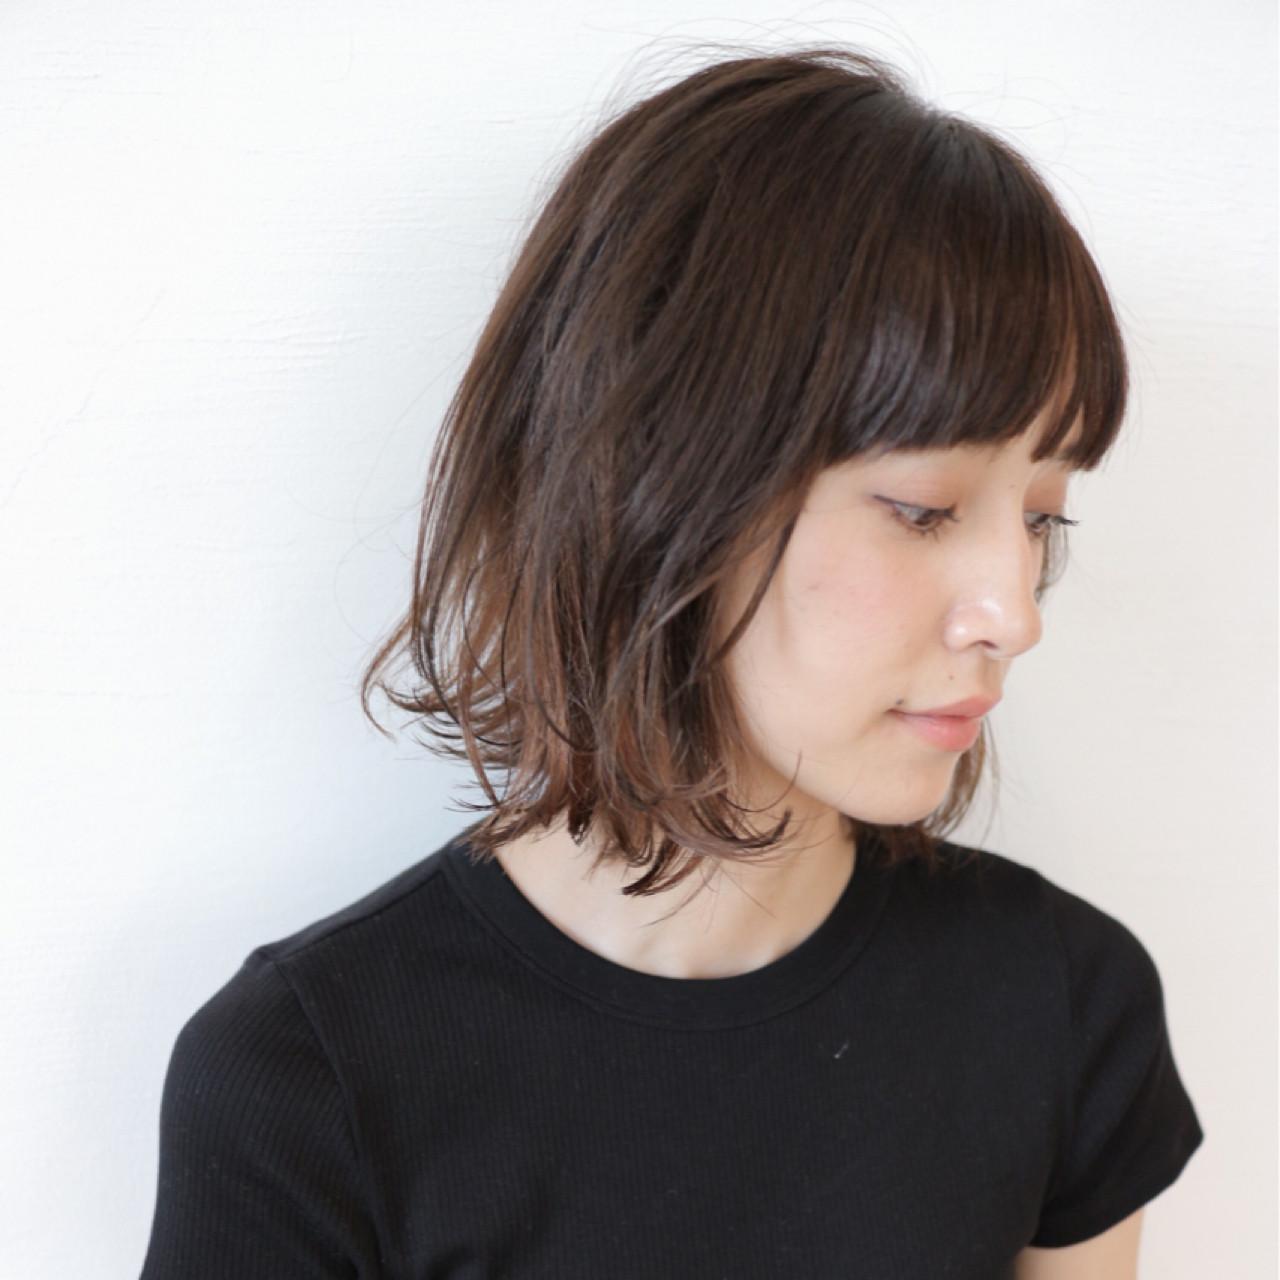 インナーカラー 外国人風 ボブ 抜け感 ヘアスタイルや髪型の写真・画像